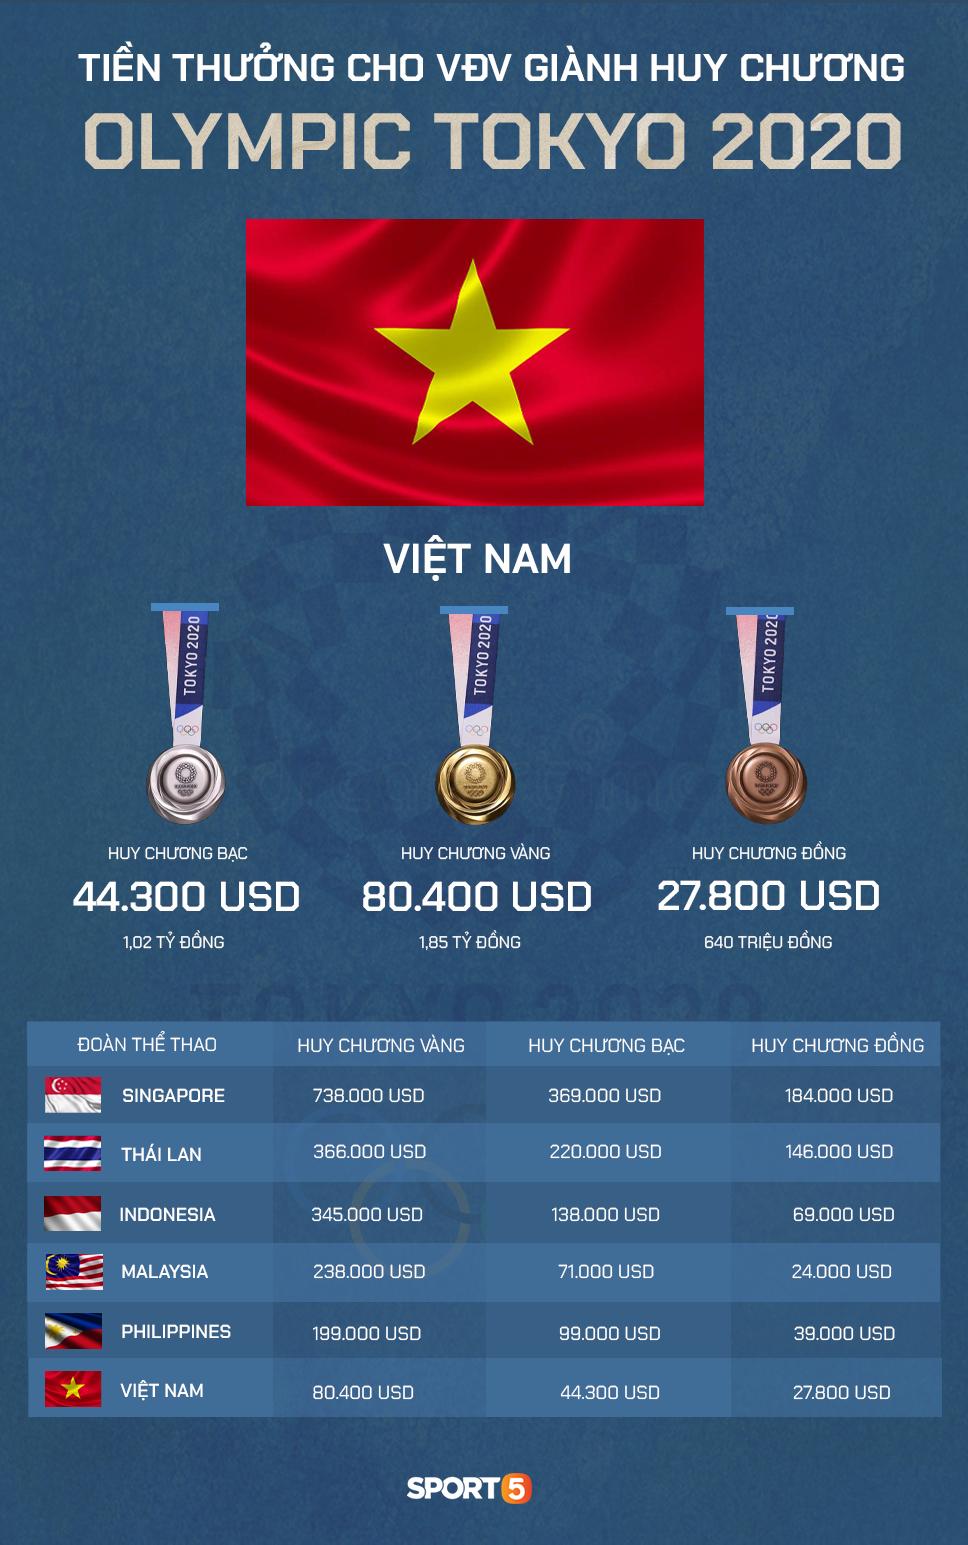 VĐV Việt Nam tập luyện từ sáng sớm, hợp với đồ ăn ở Olympic Tokyo - Ảnh 7.